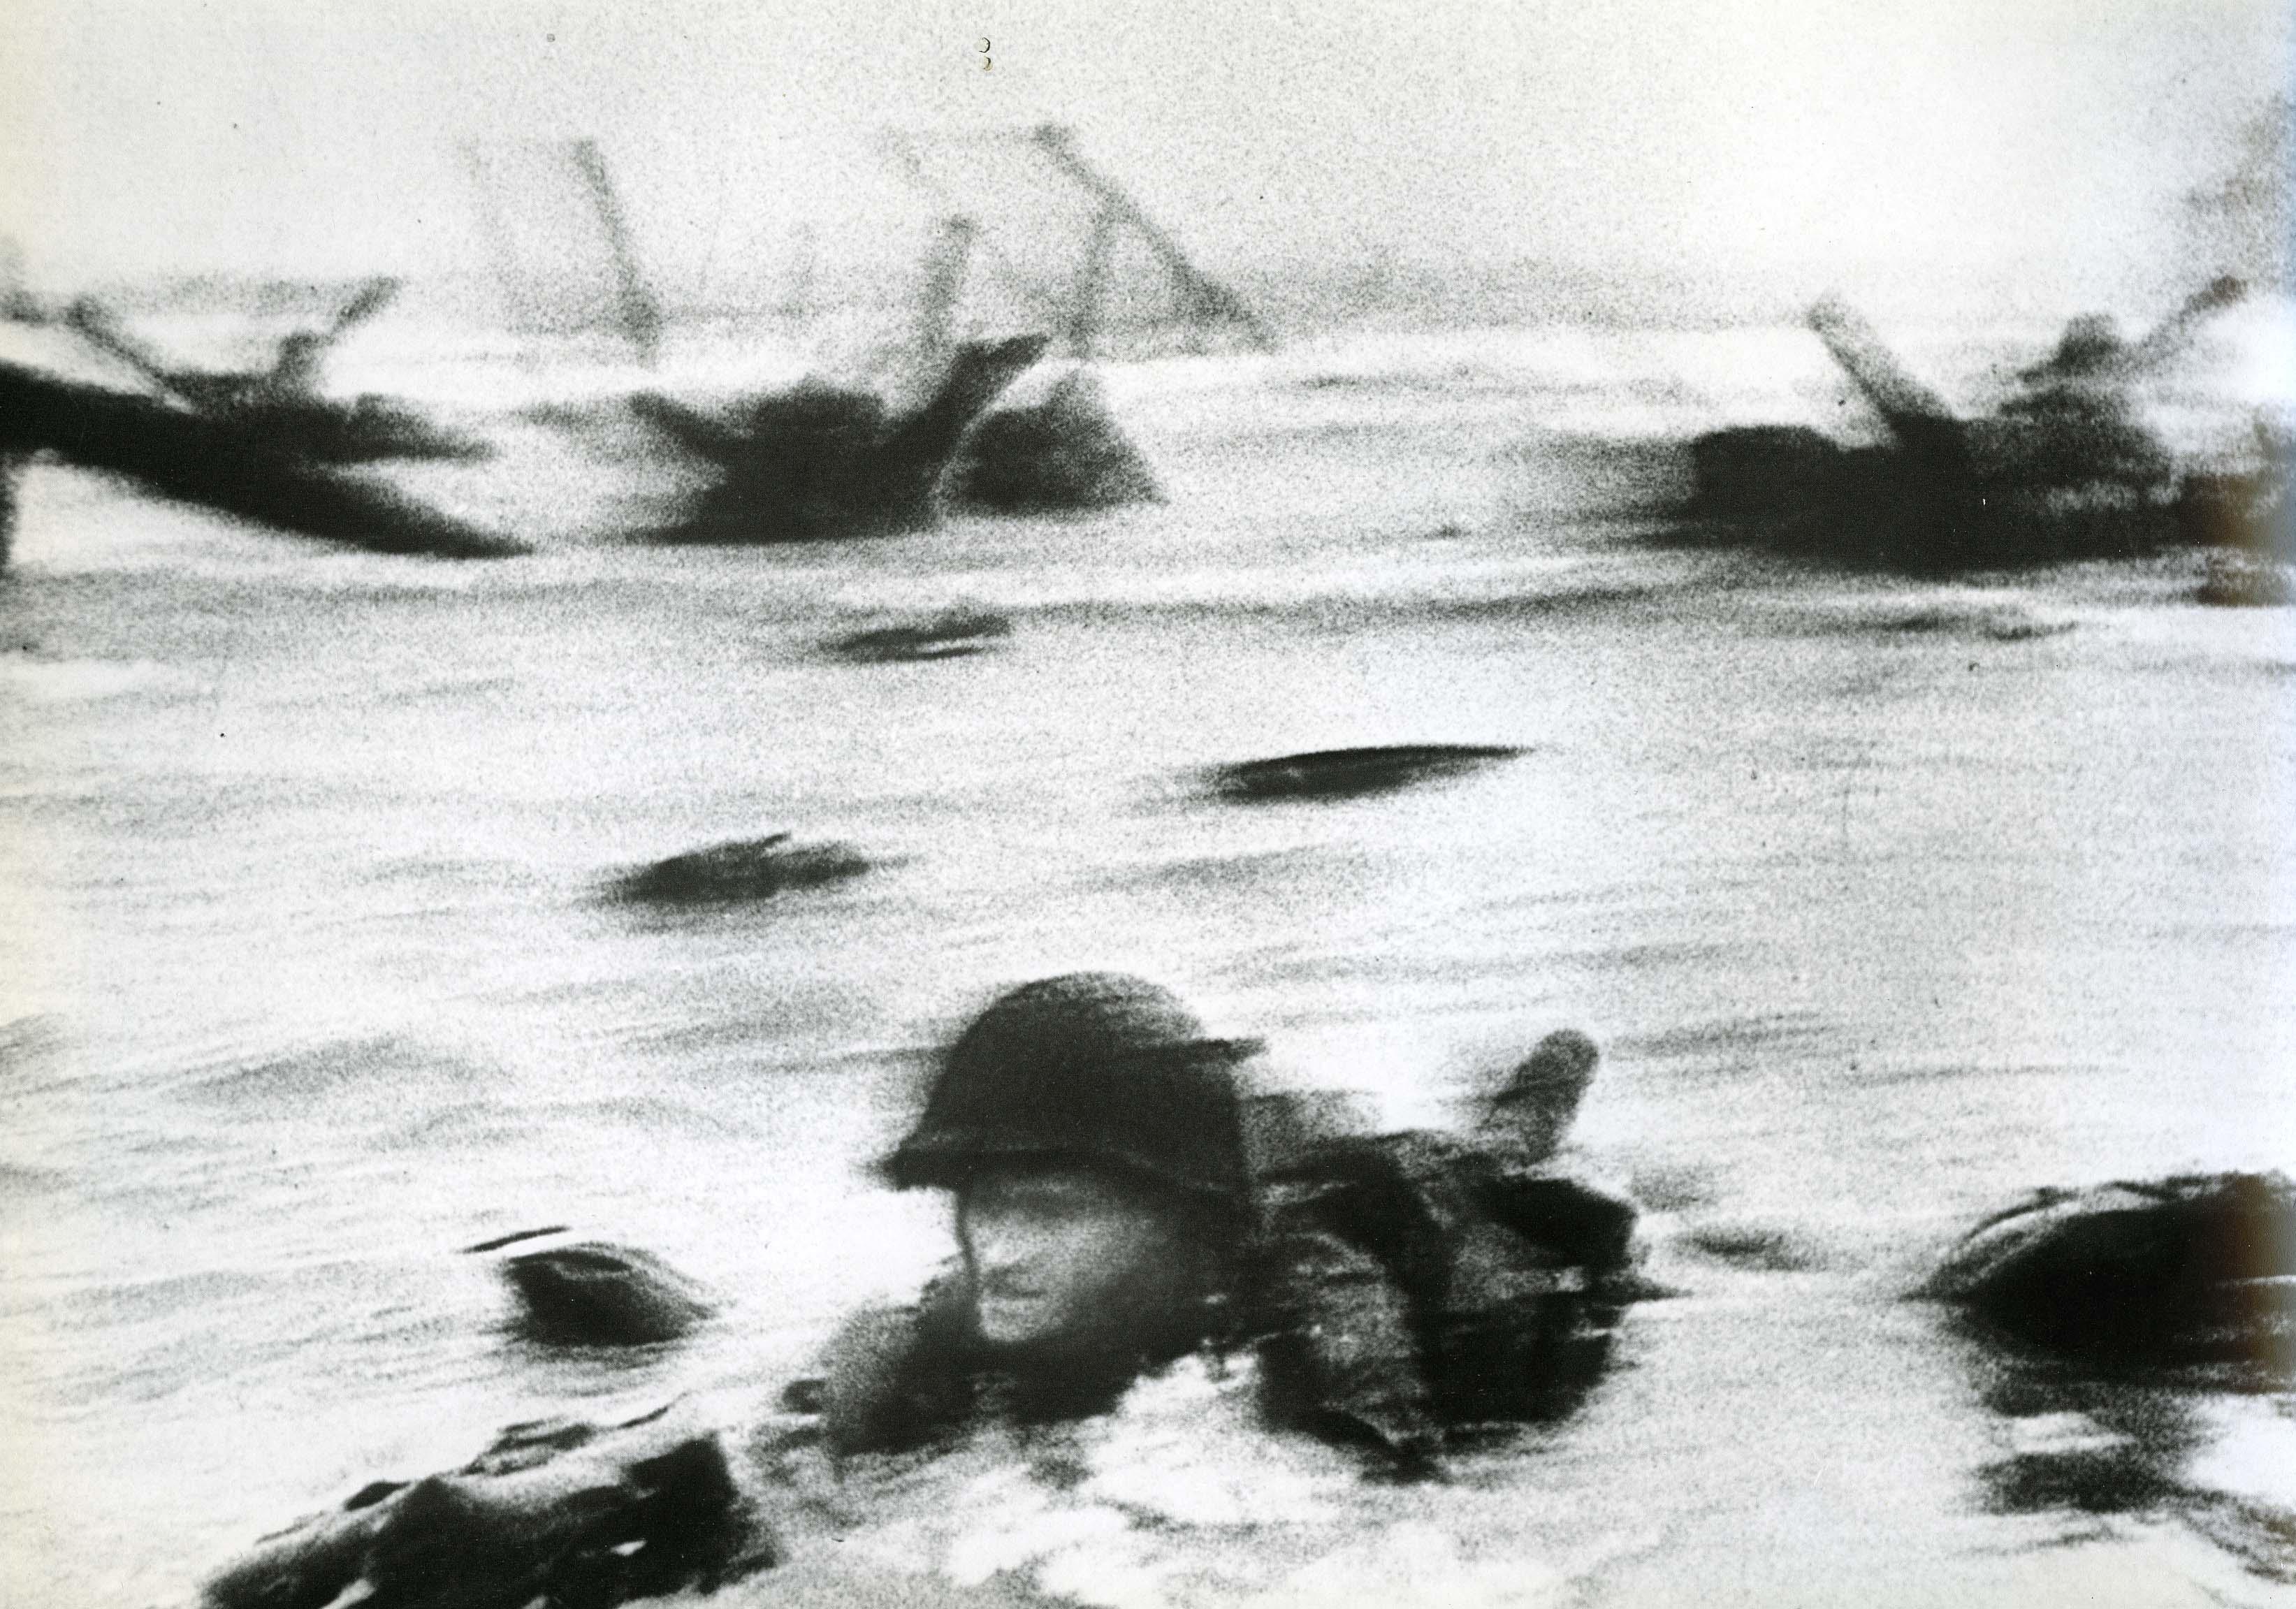 Omaha Beach, D-Day Landing, 1944